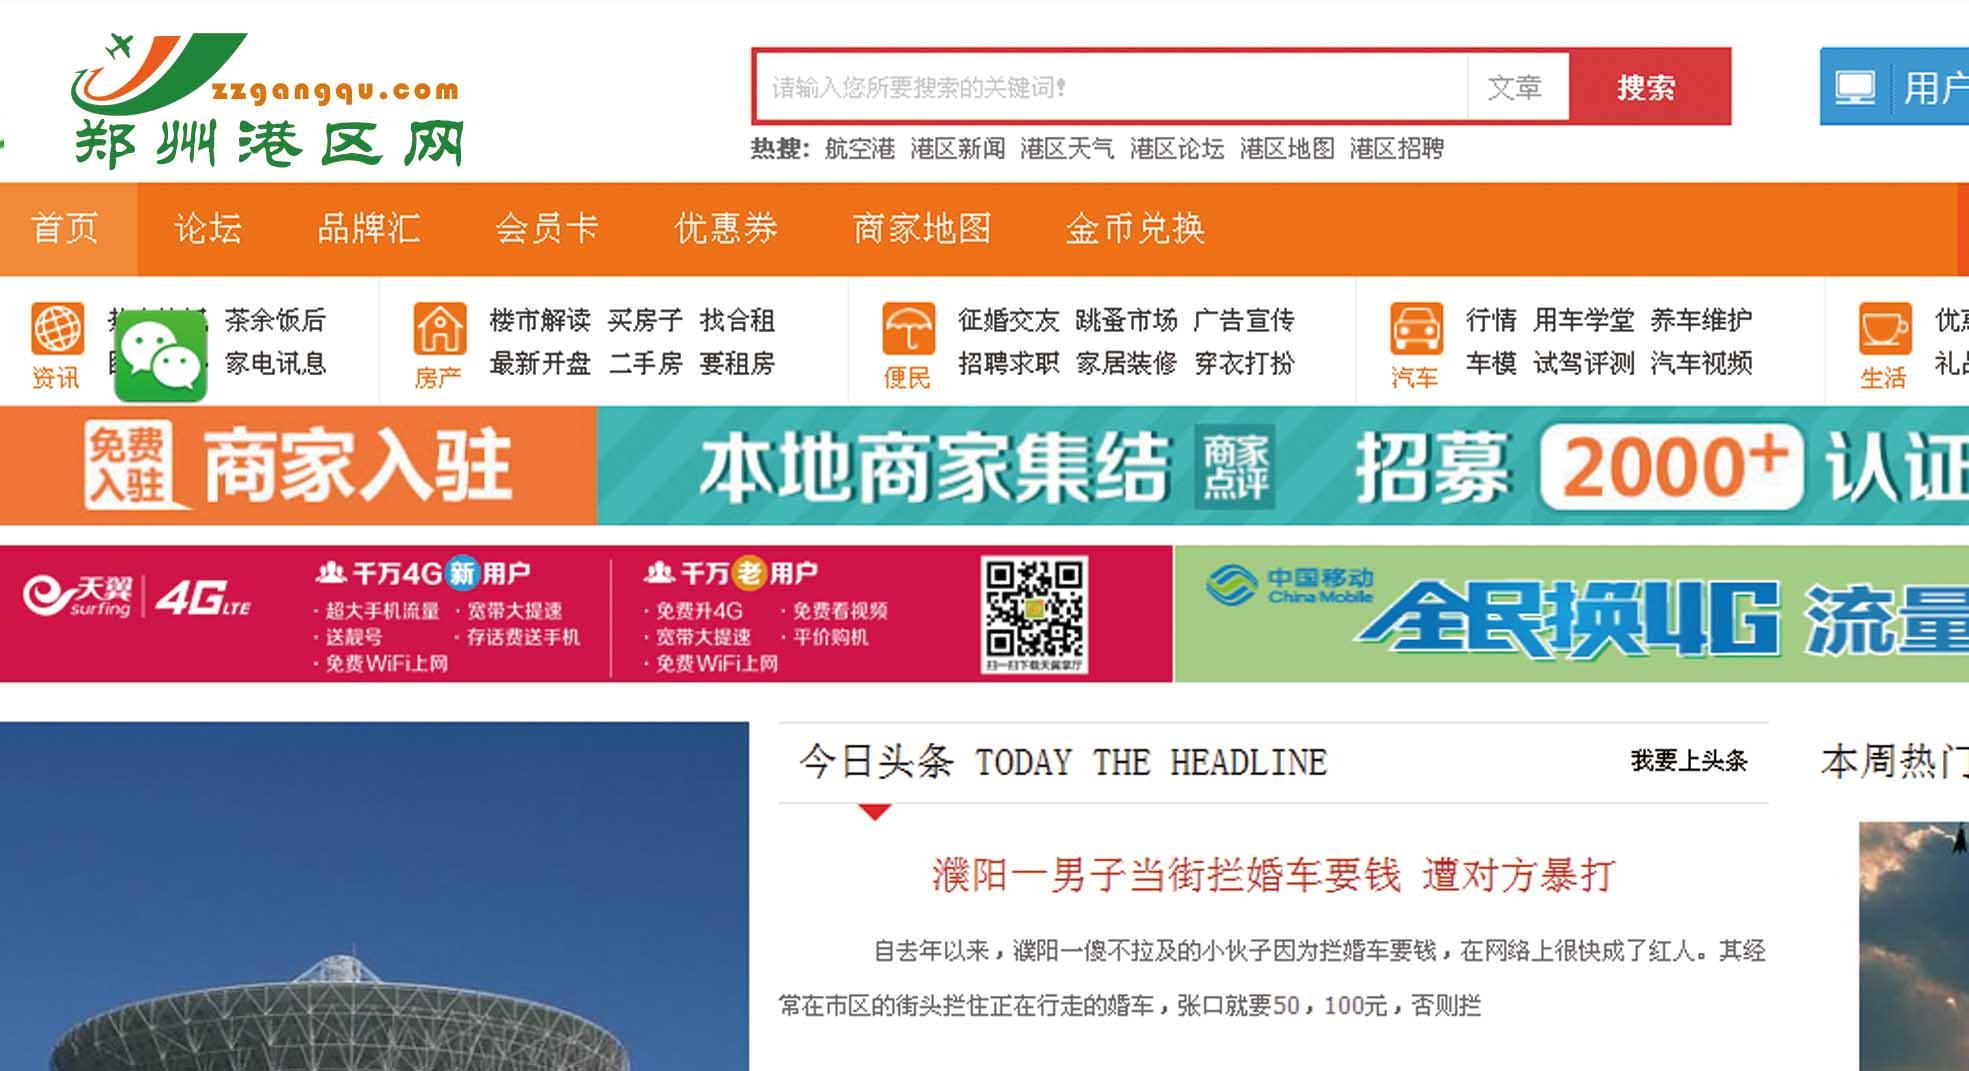 郑州港区网航空港门户LOGO设计_2934962_k68威客网